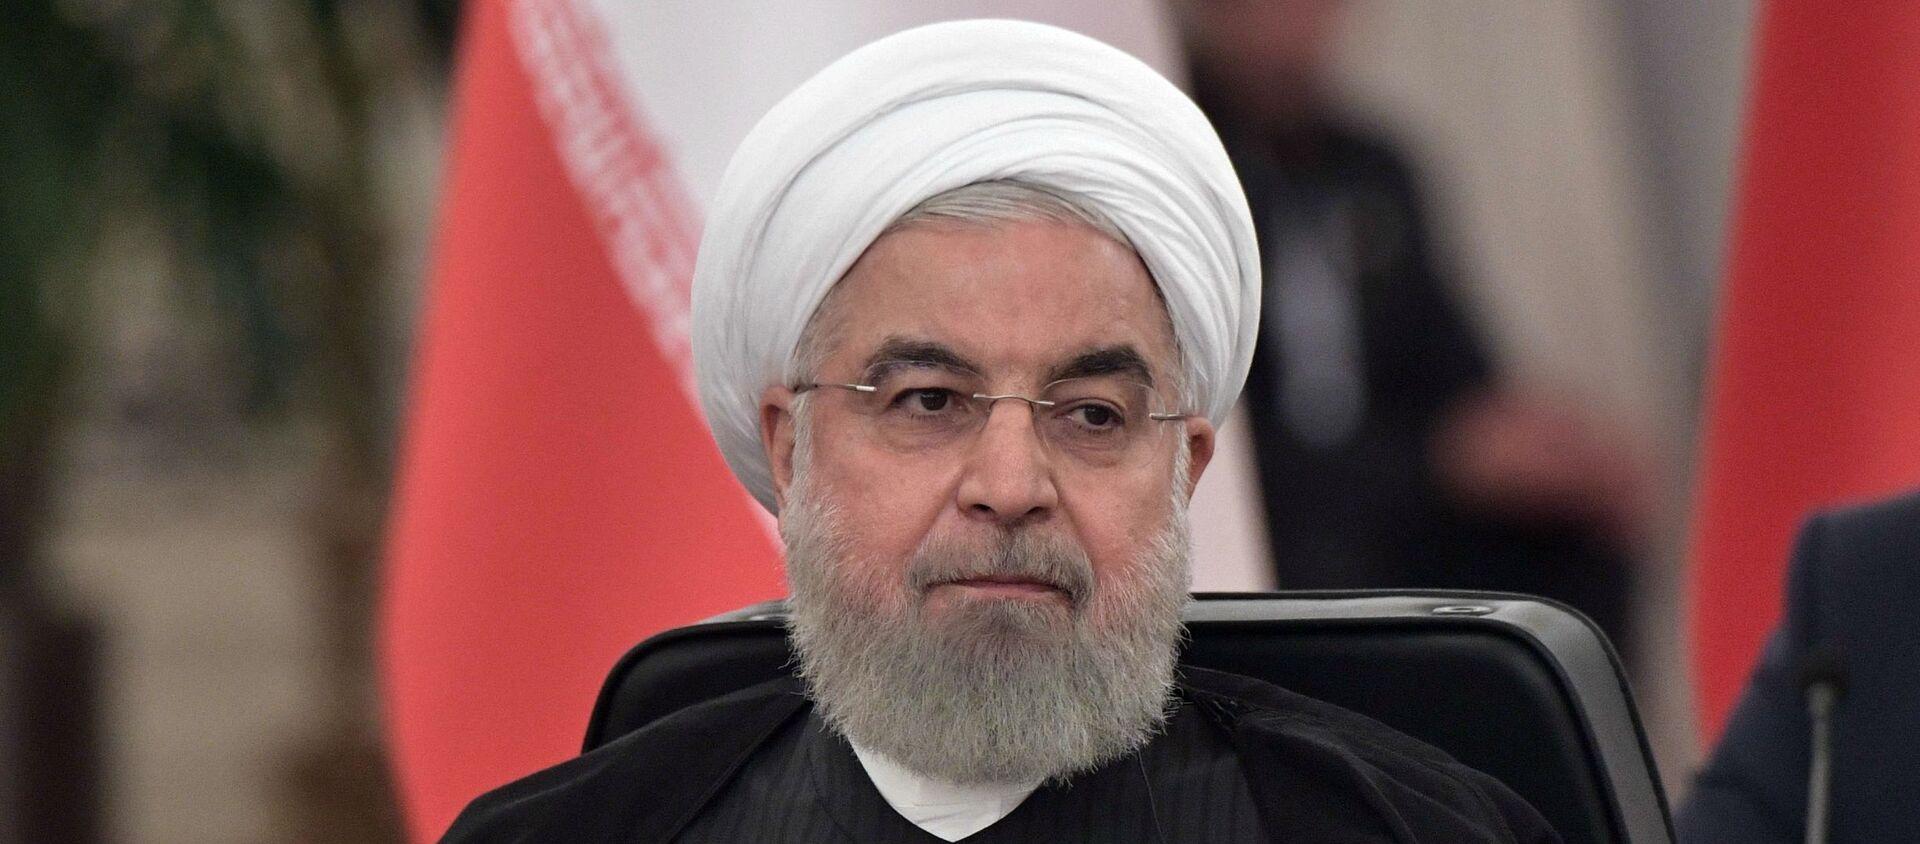 Tổng thống Iran Hassan Rouhani tại Hội nghị thượng đỉnh Nga-Thổ Nhĩ Kỳ-Iran về Syria ở Ankara - Sputnik Việt Nam, 1920, 14.12.2020